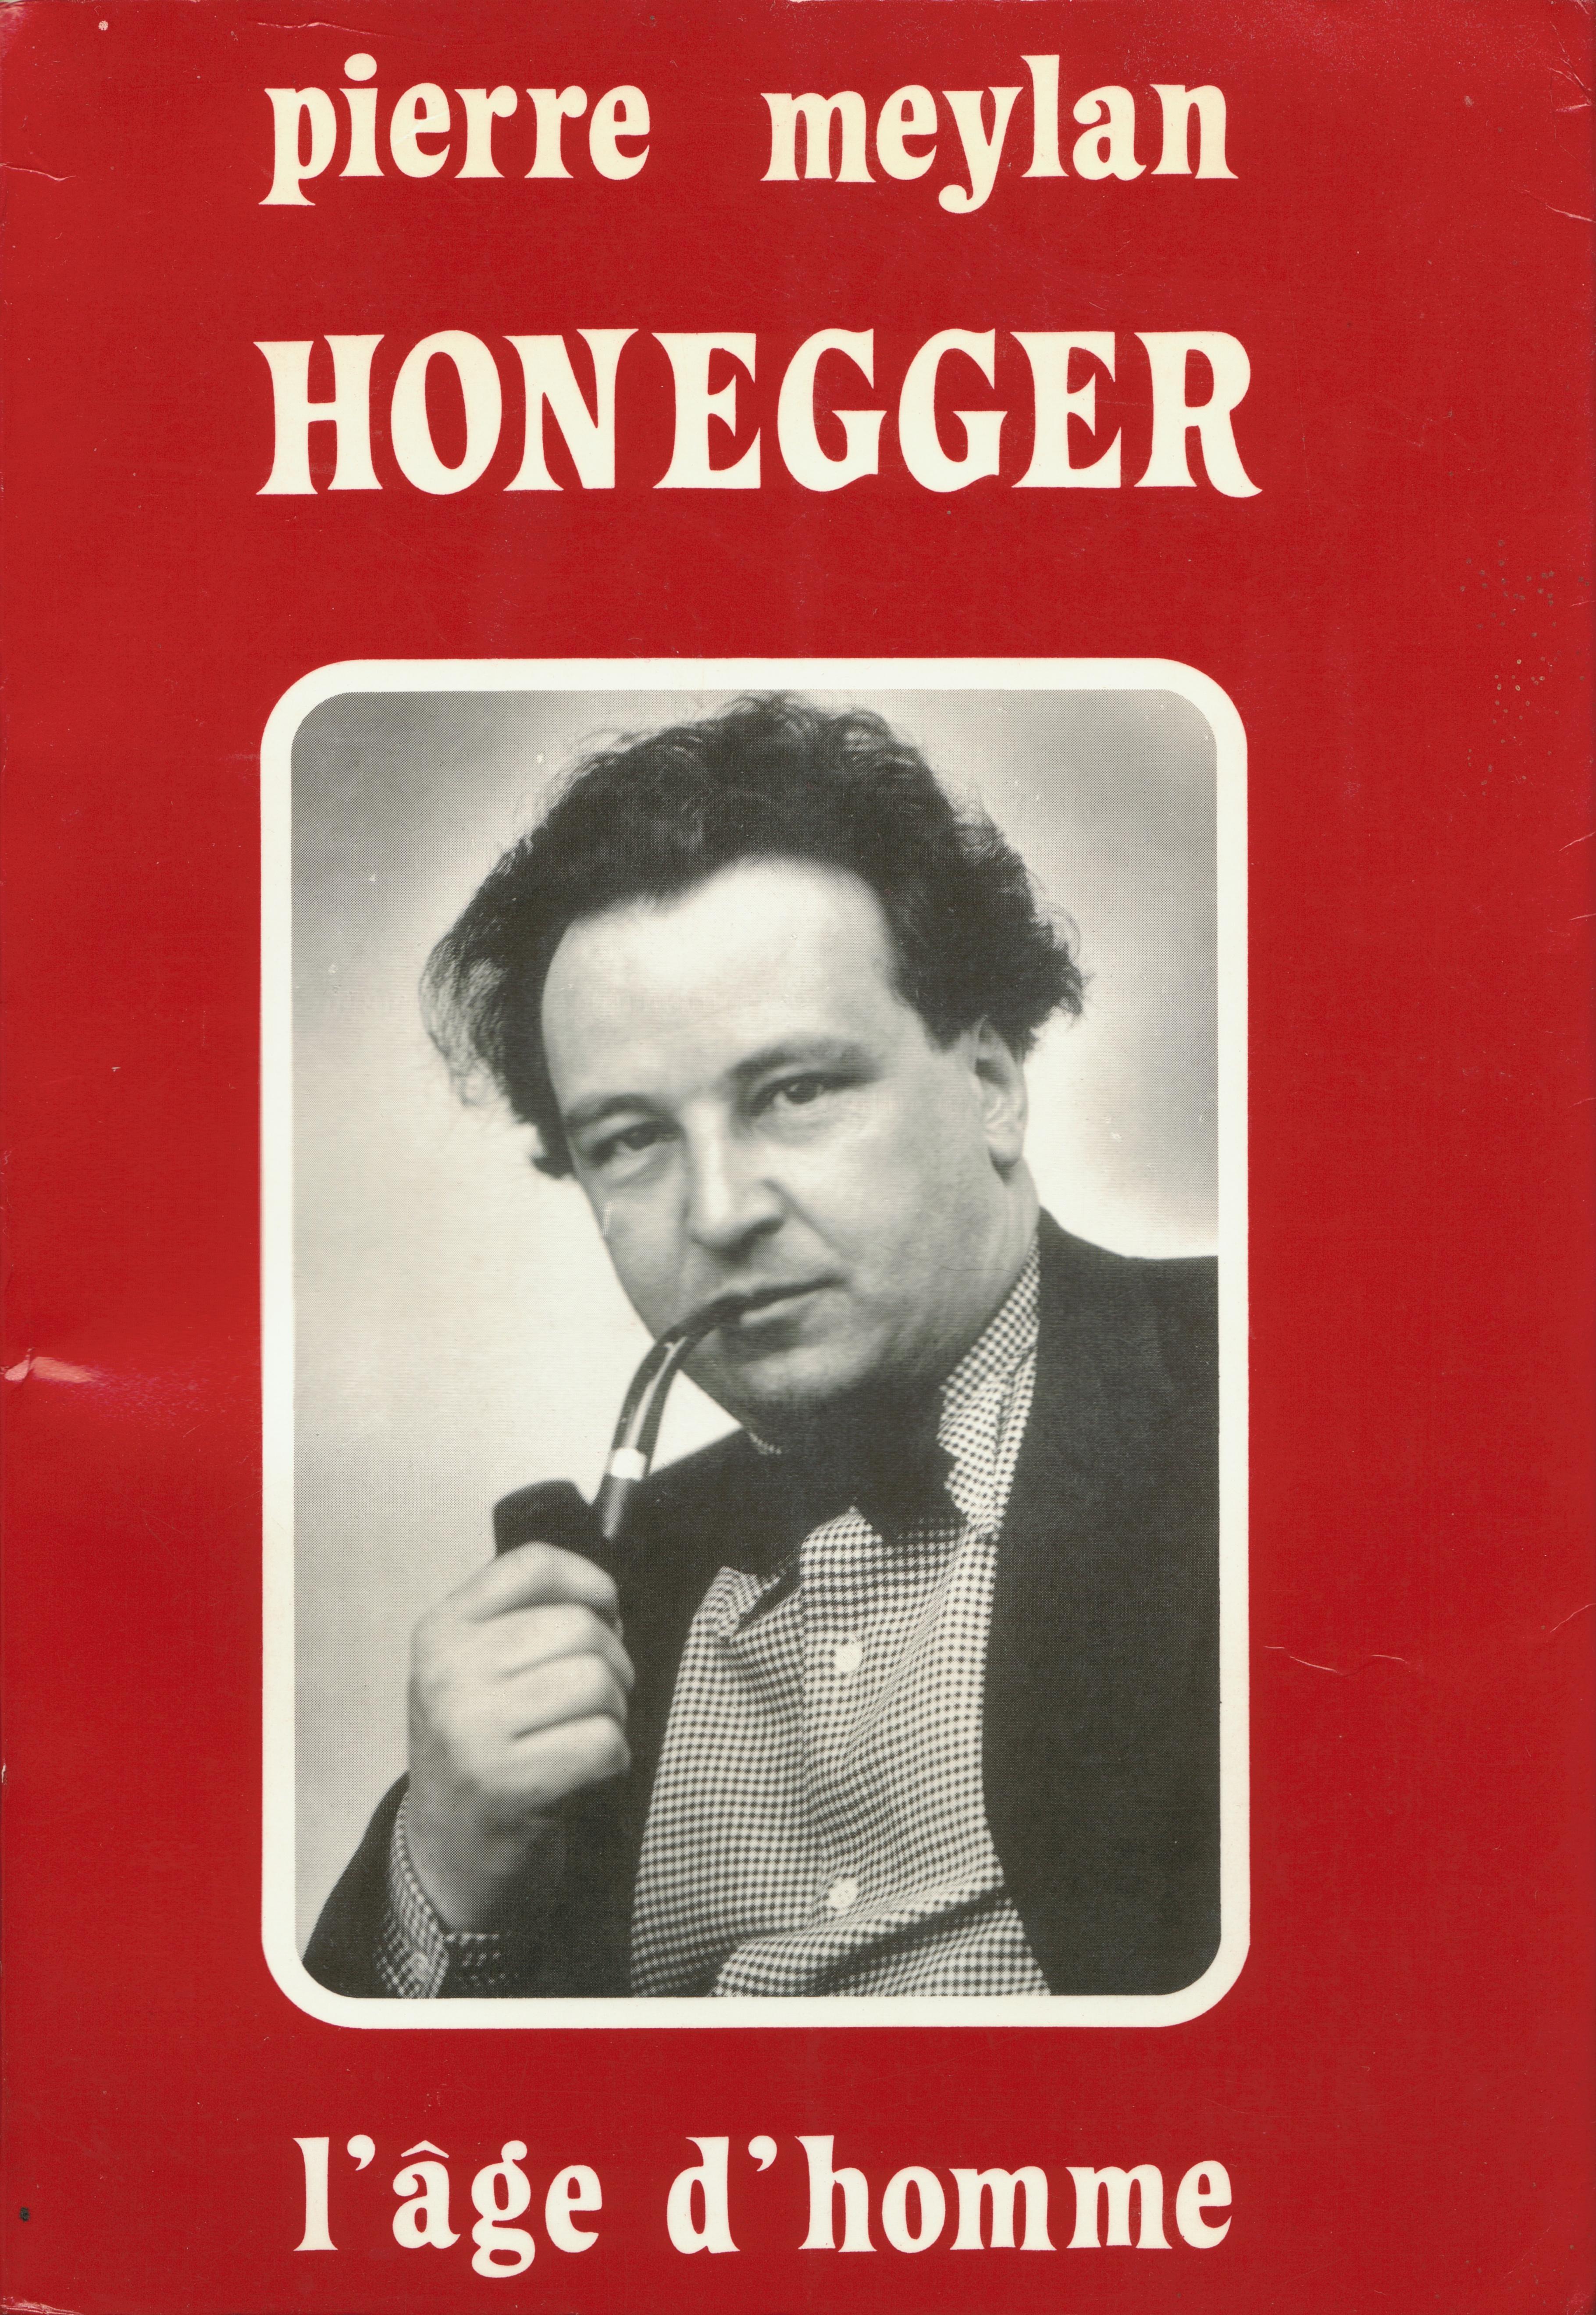 Recto de la jacquette du livre «Honegger - son oeuvre et son message» de Pierre Meylan, 1982, Éditions l'Age d'Homme SA, Lausanne